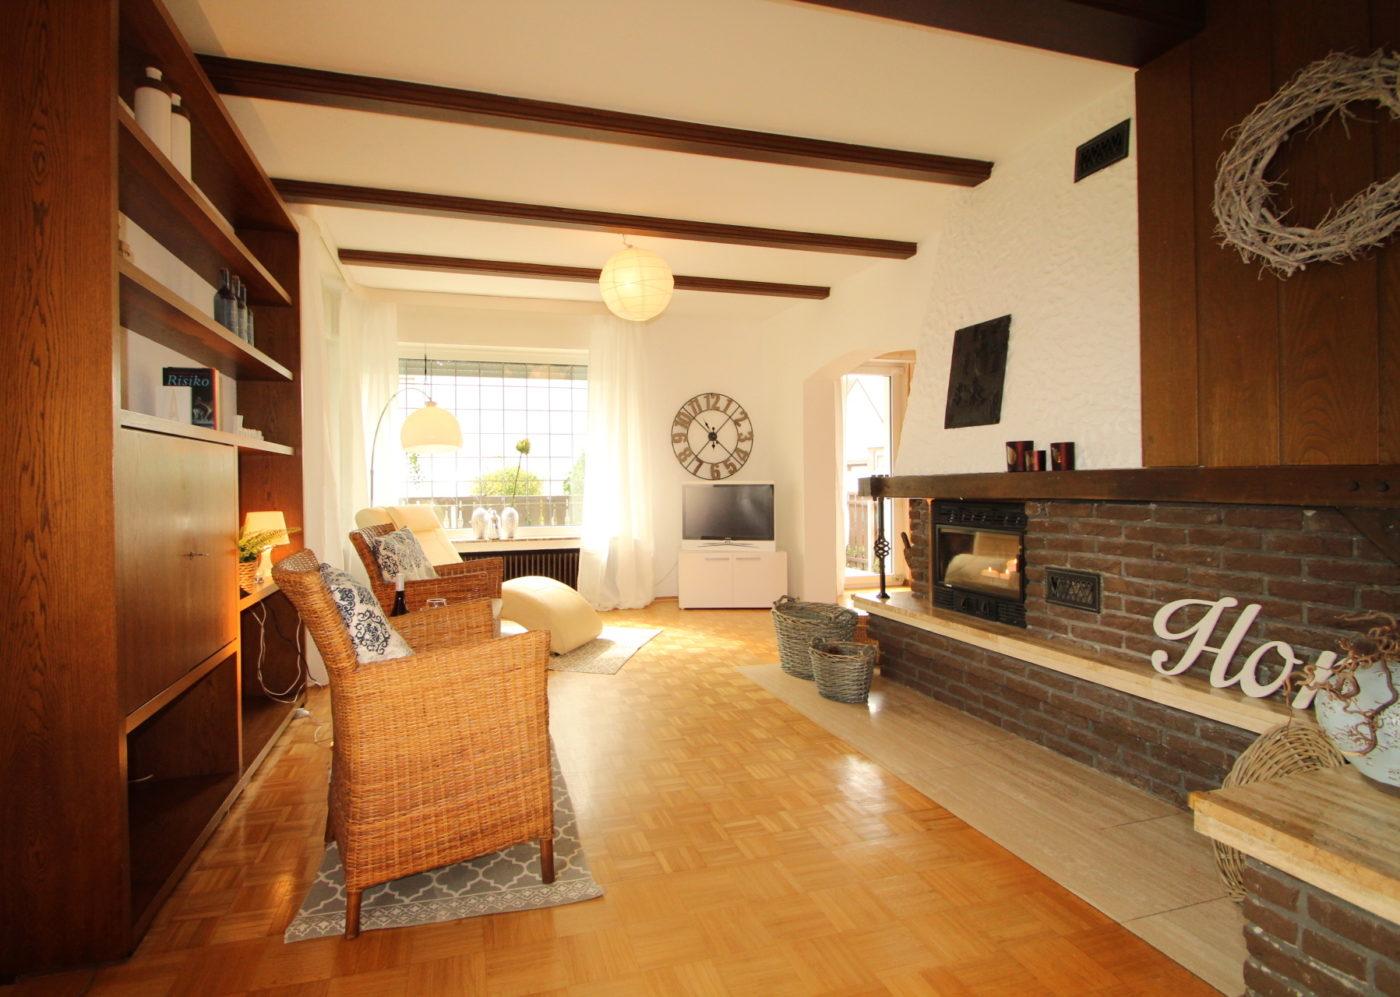 Blickfang Home Staging - die zertifizierten Home Staging Experten im Kreis Soest - Vertrauen Sie Ihre Immobilie nur Profis an